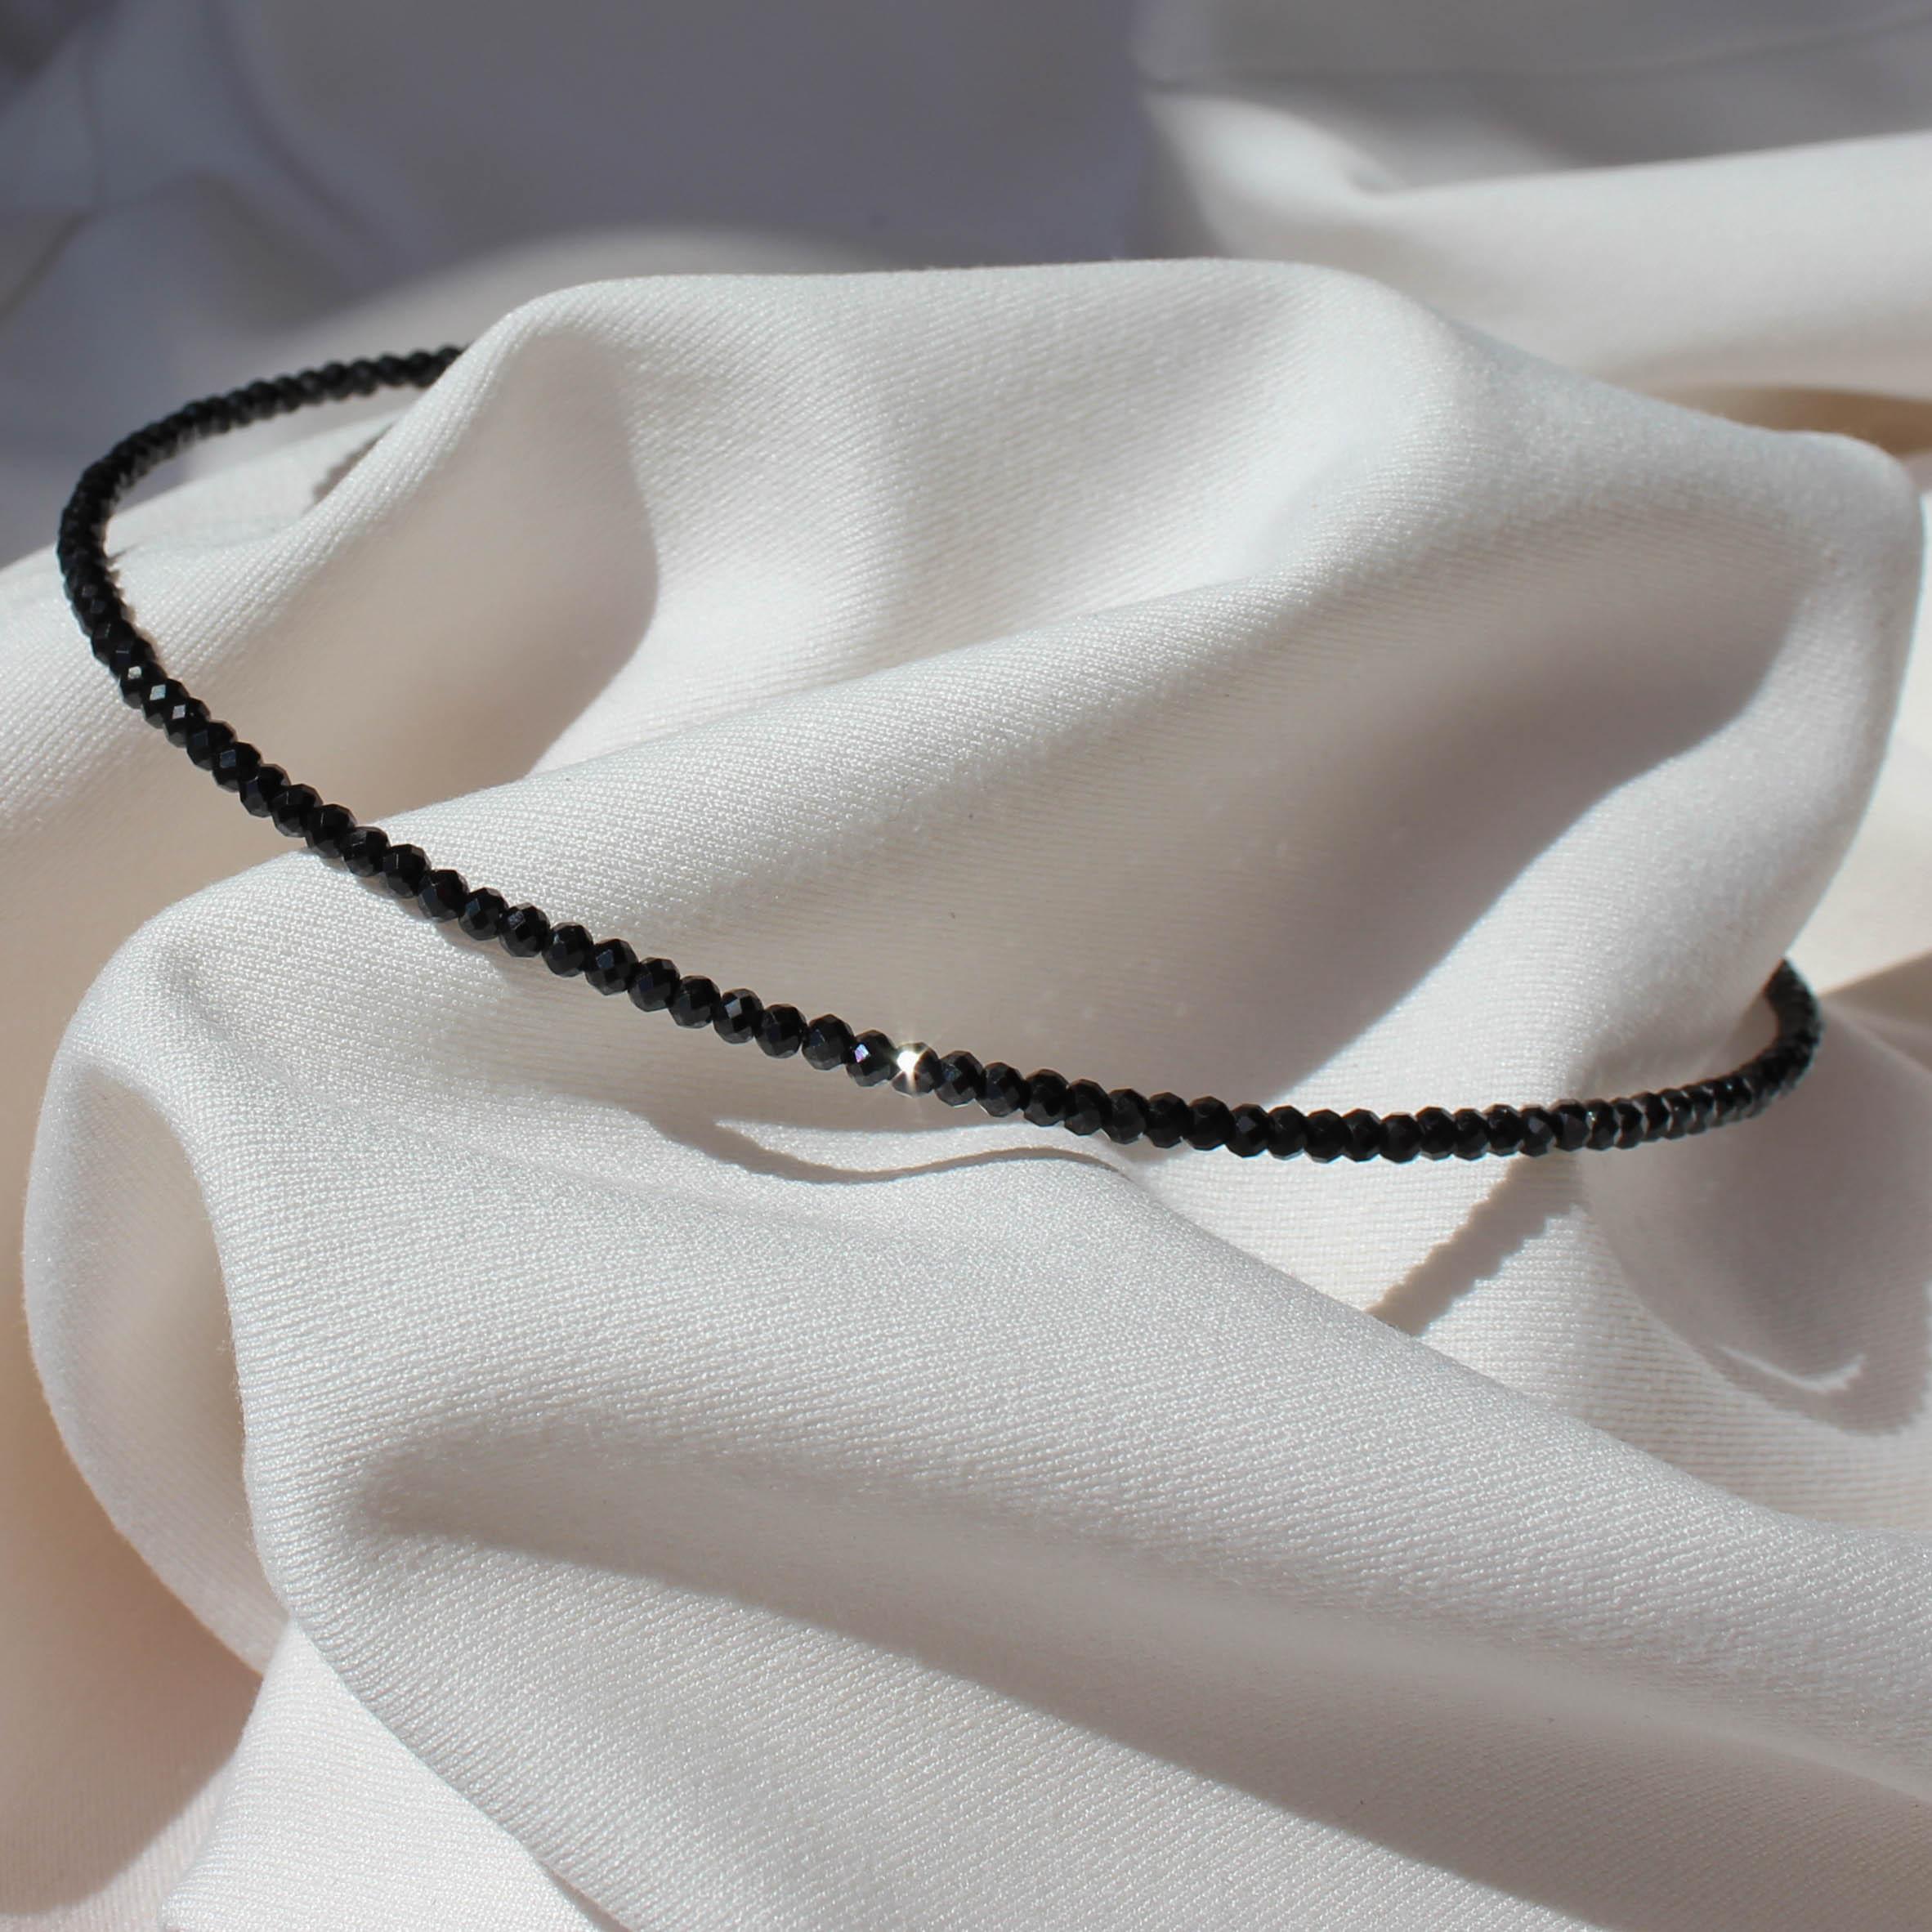 Czarny choker na szyje z połyskujących kamieni szlachetnych na jasnym materiale